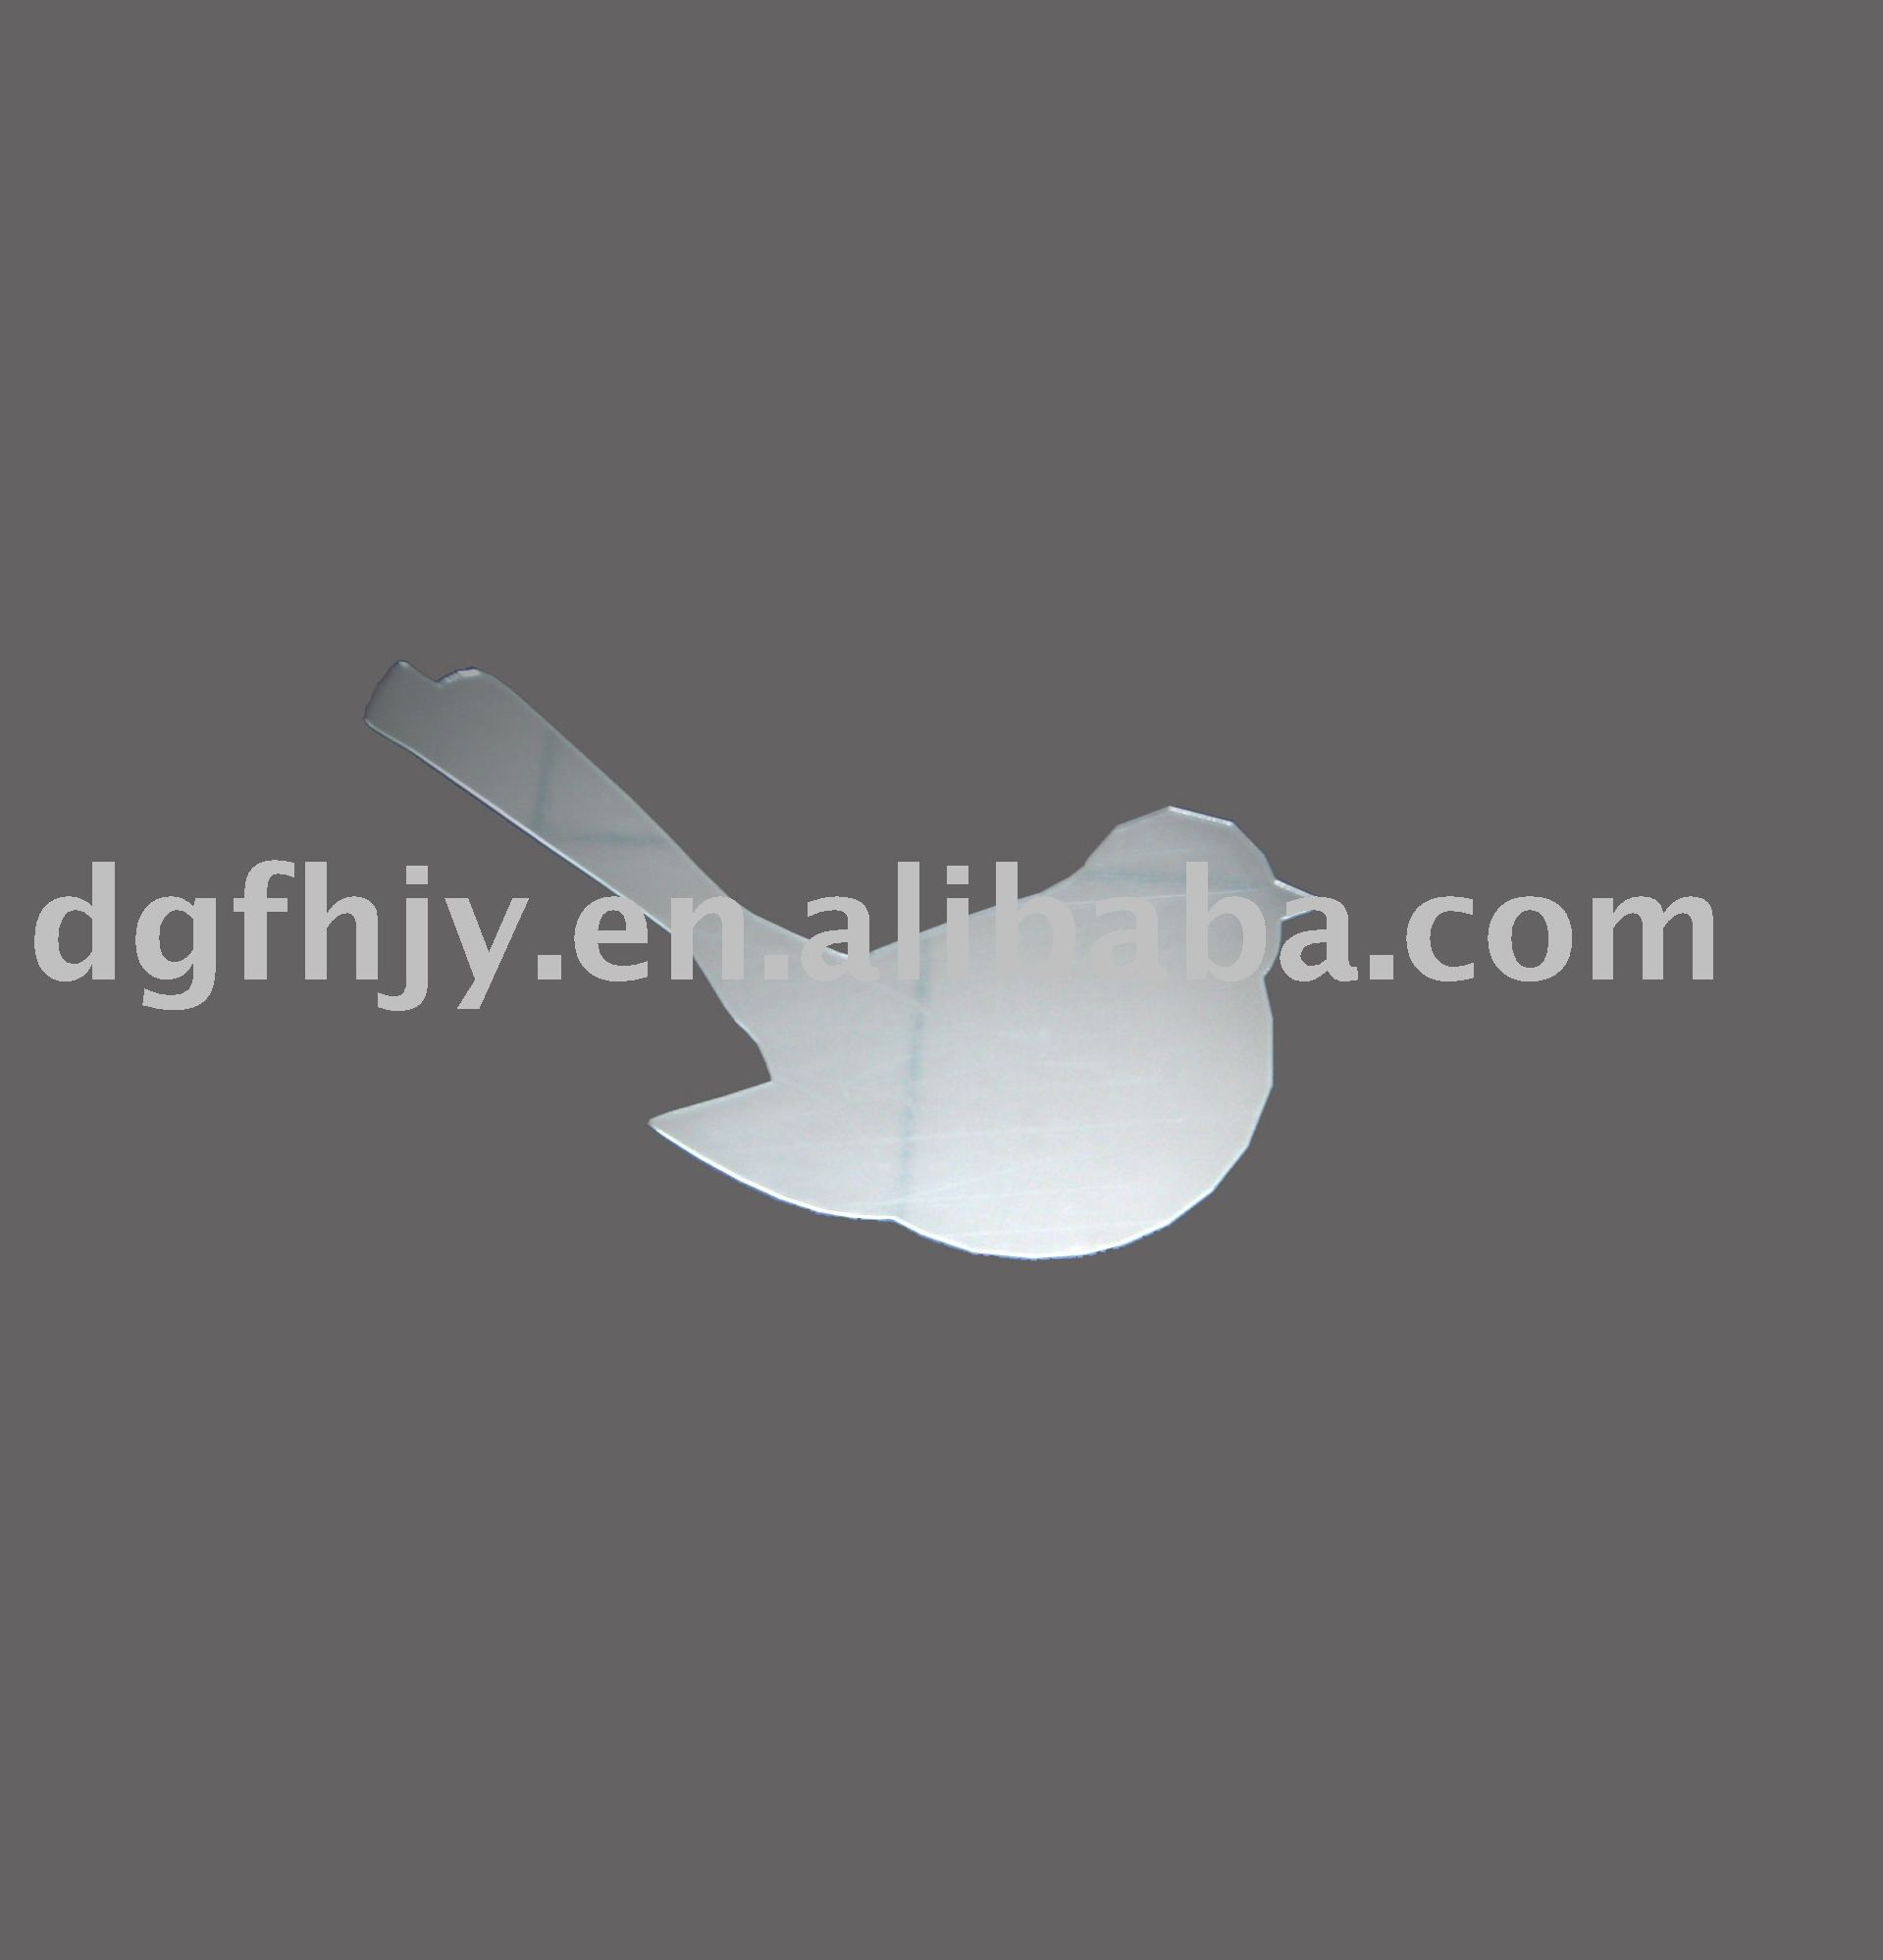 Espejo de acrílico etiqueta engomada de la forma del pájaro, Plástico espejo